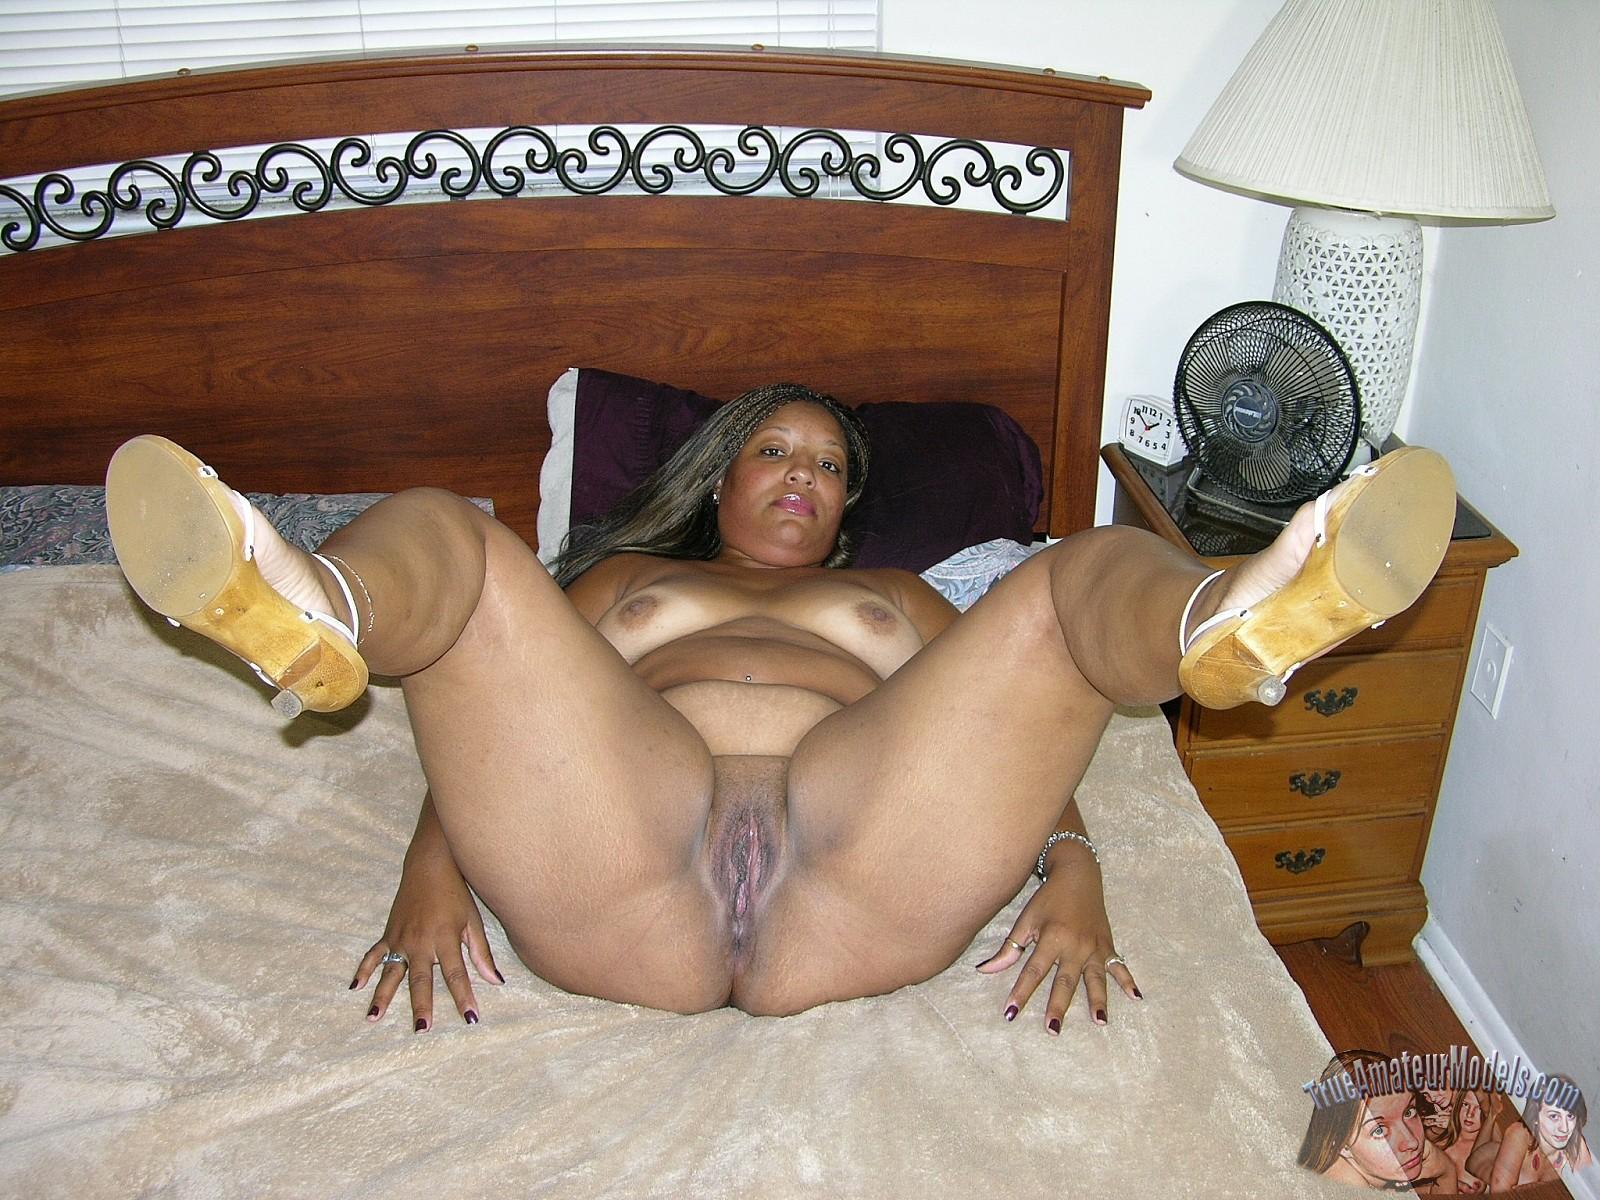 Amateur Fat Ebony Pussy - Amateur Fat Black Pussy   Niche Top Mature